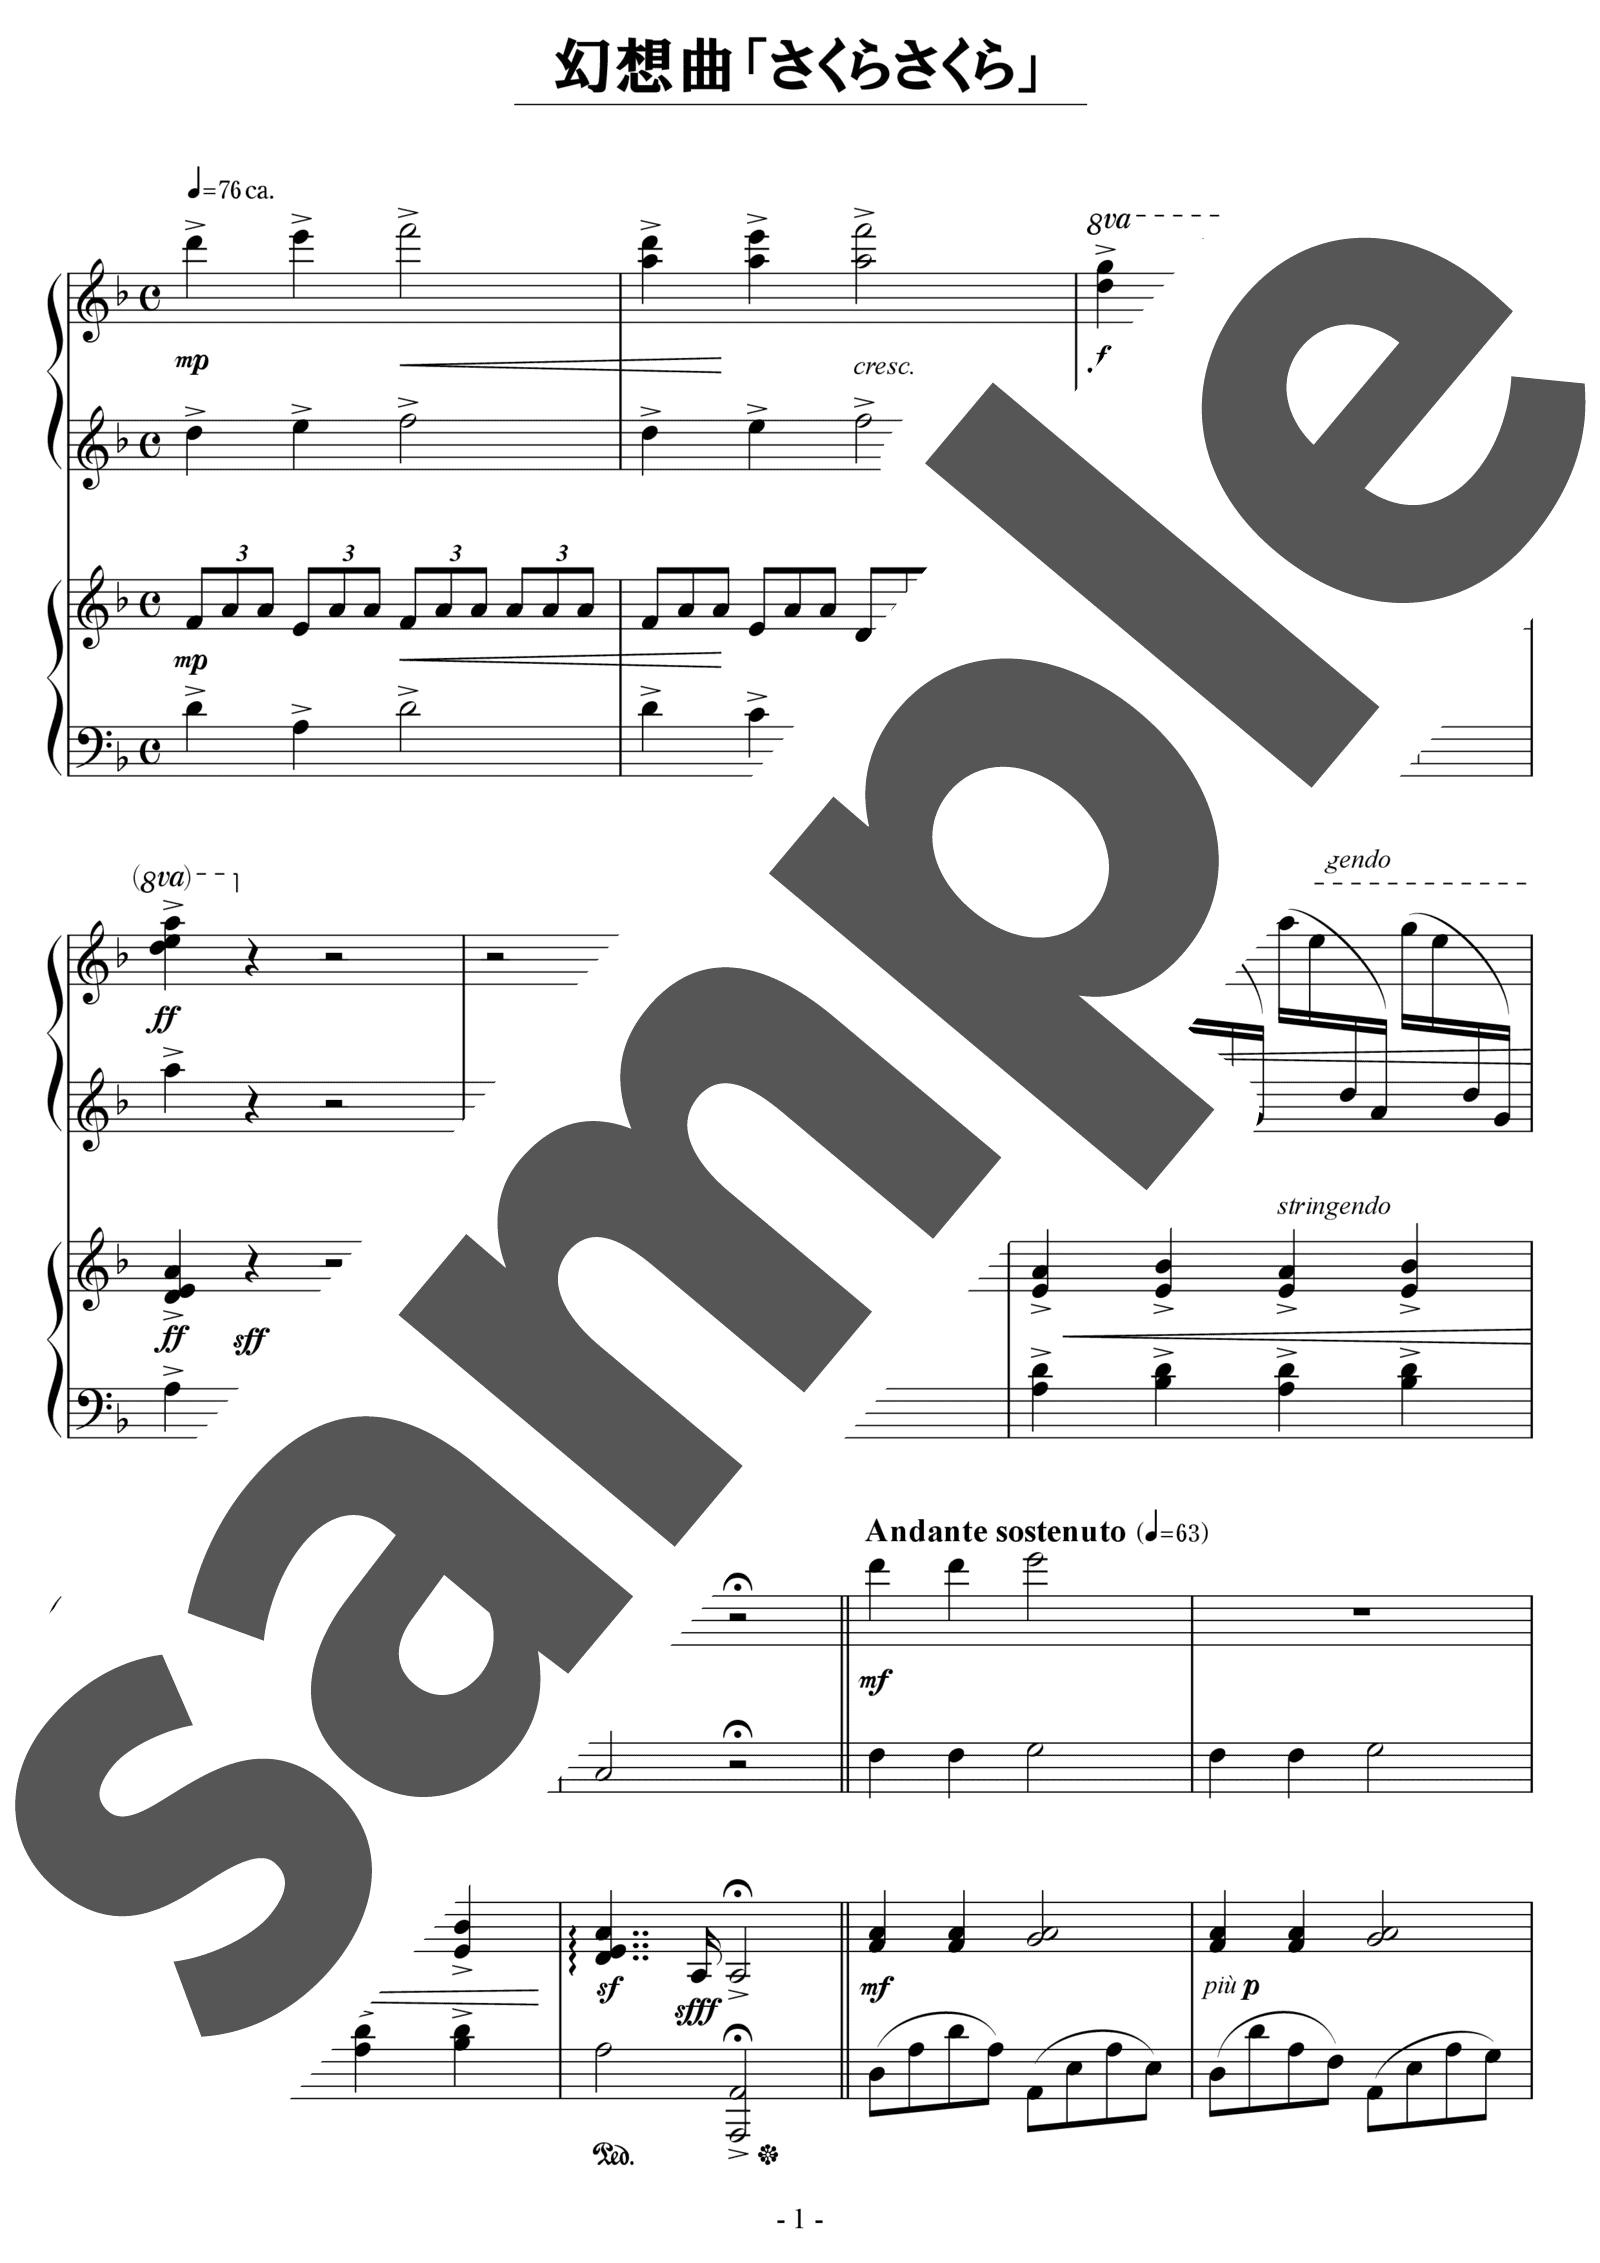 「幻想曲「さくらさくら」」のサンプル楽譜